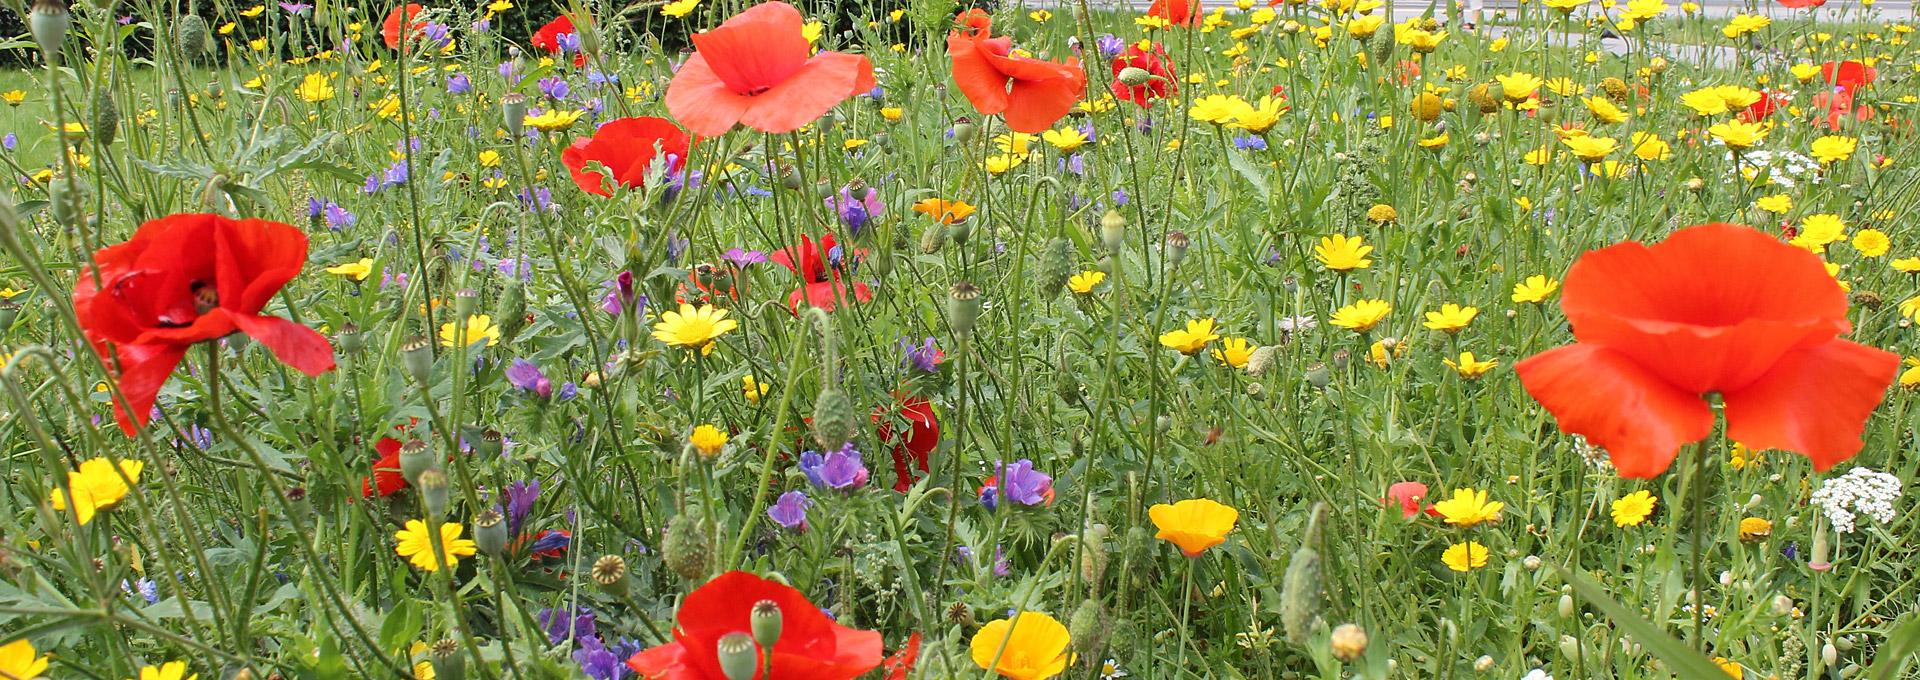 Łąka kwietna. Żółte, czerwone i fioletowe kwiaty na tle zielonej trawy.